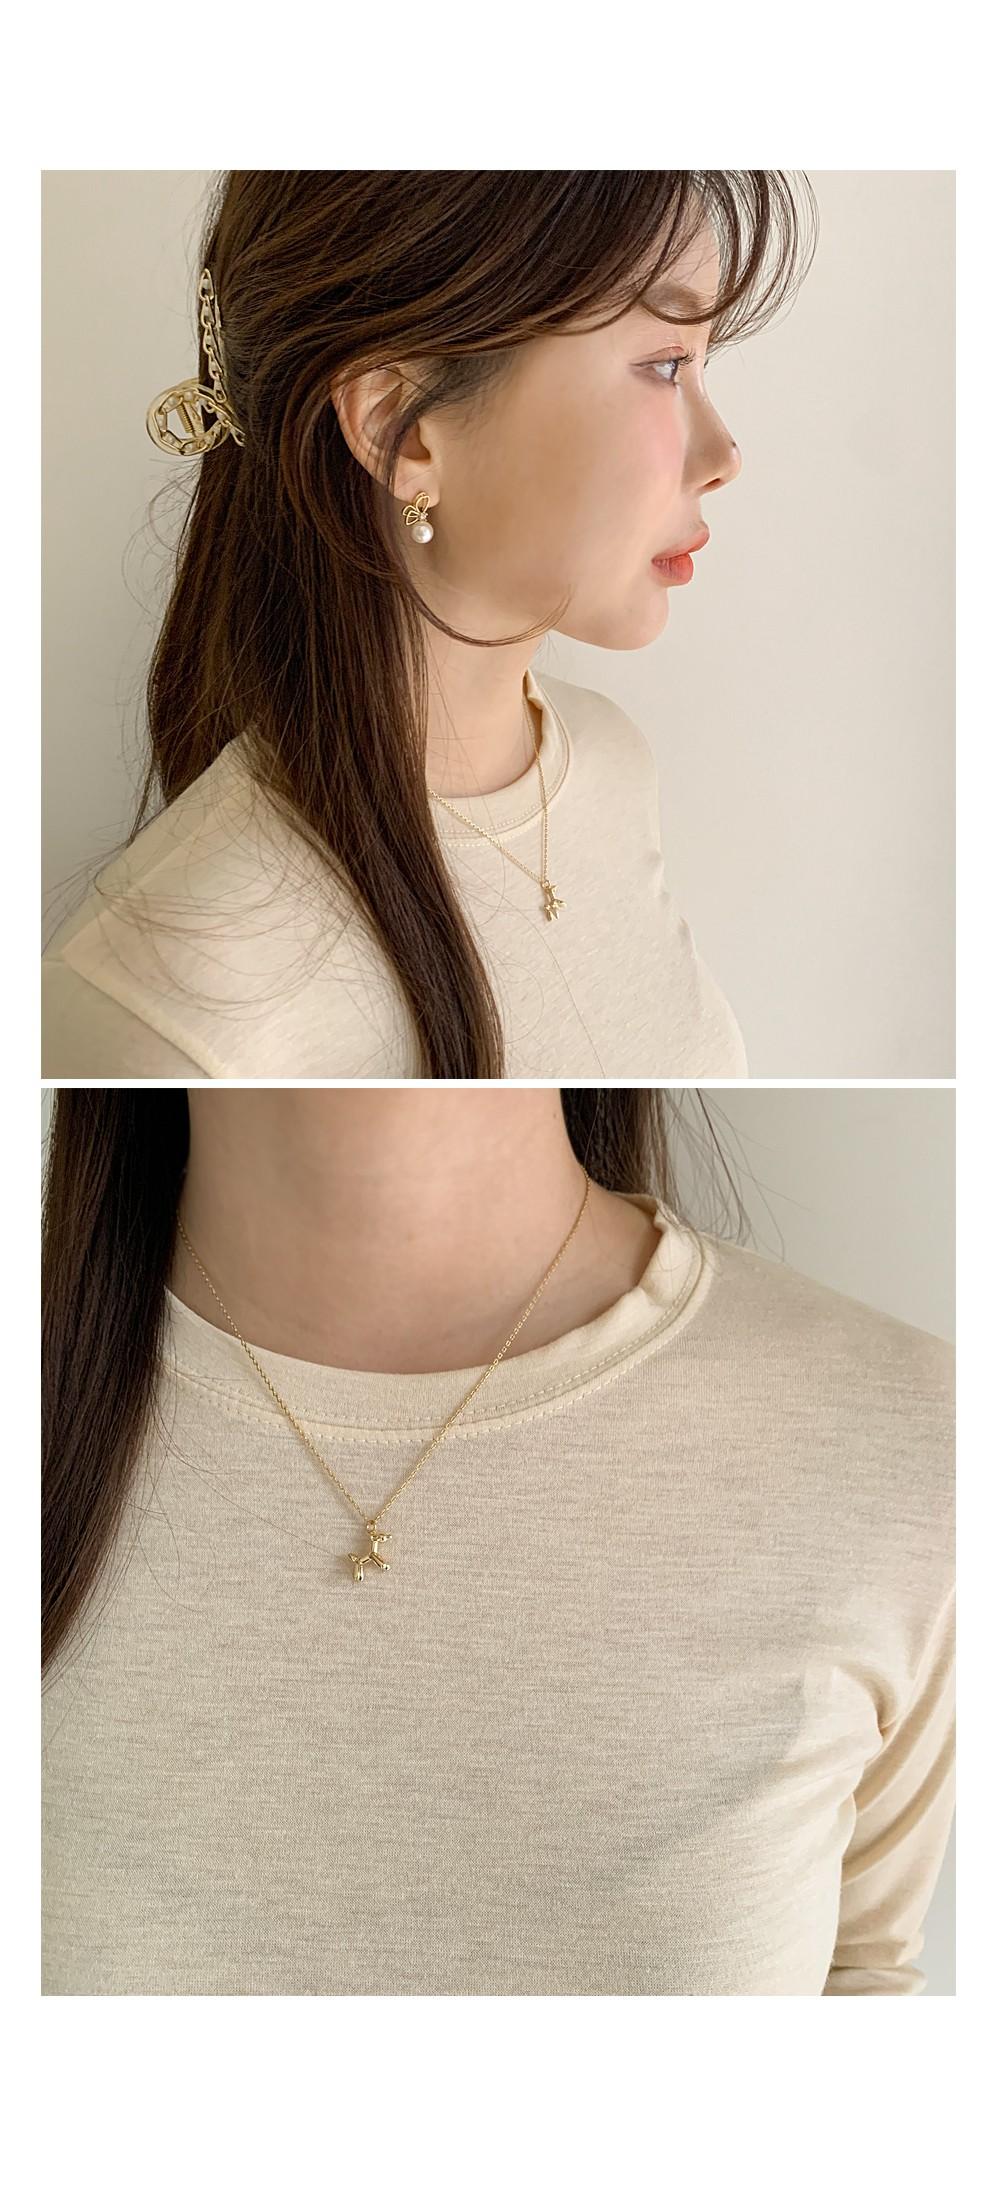 Poodle necklace